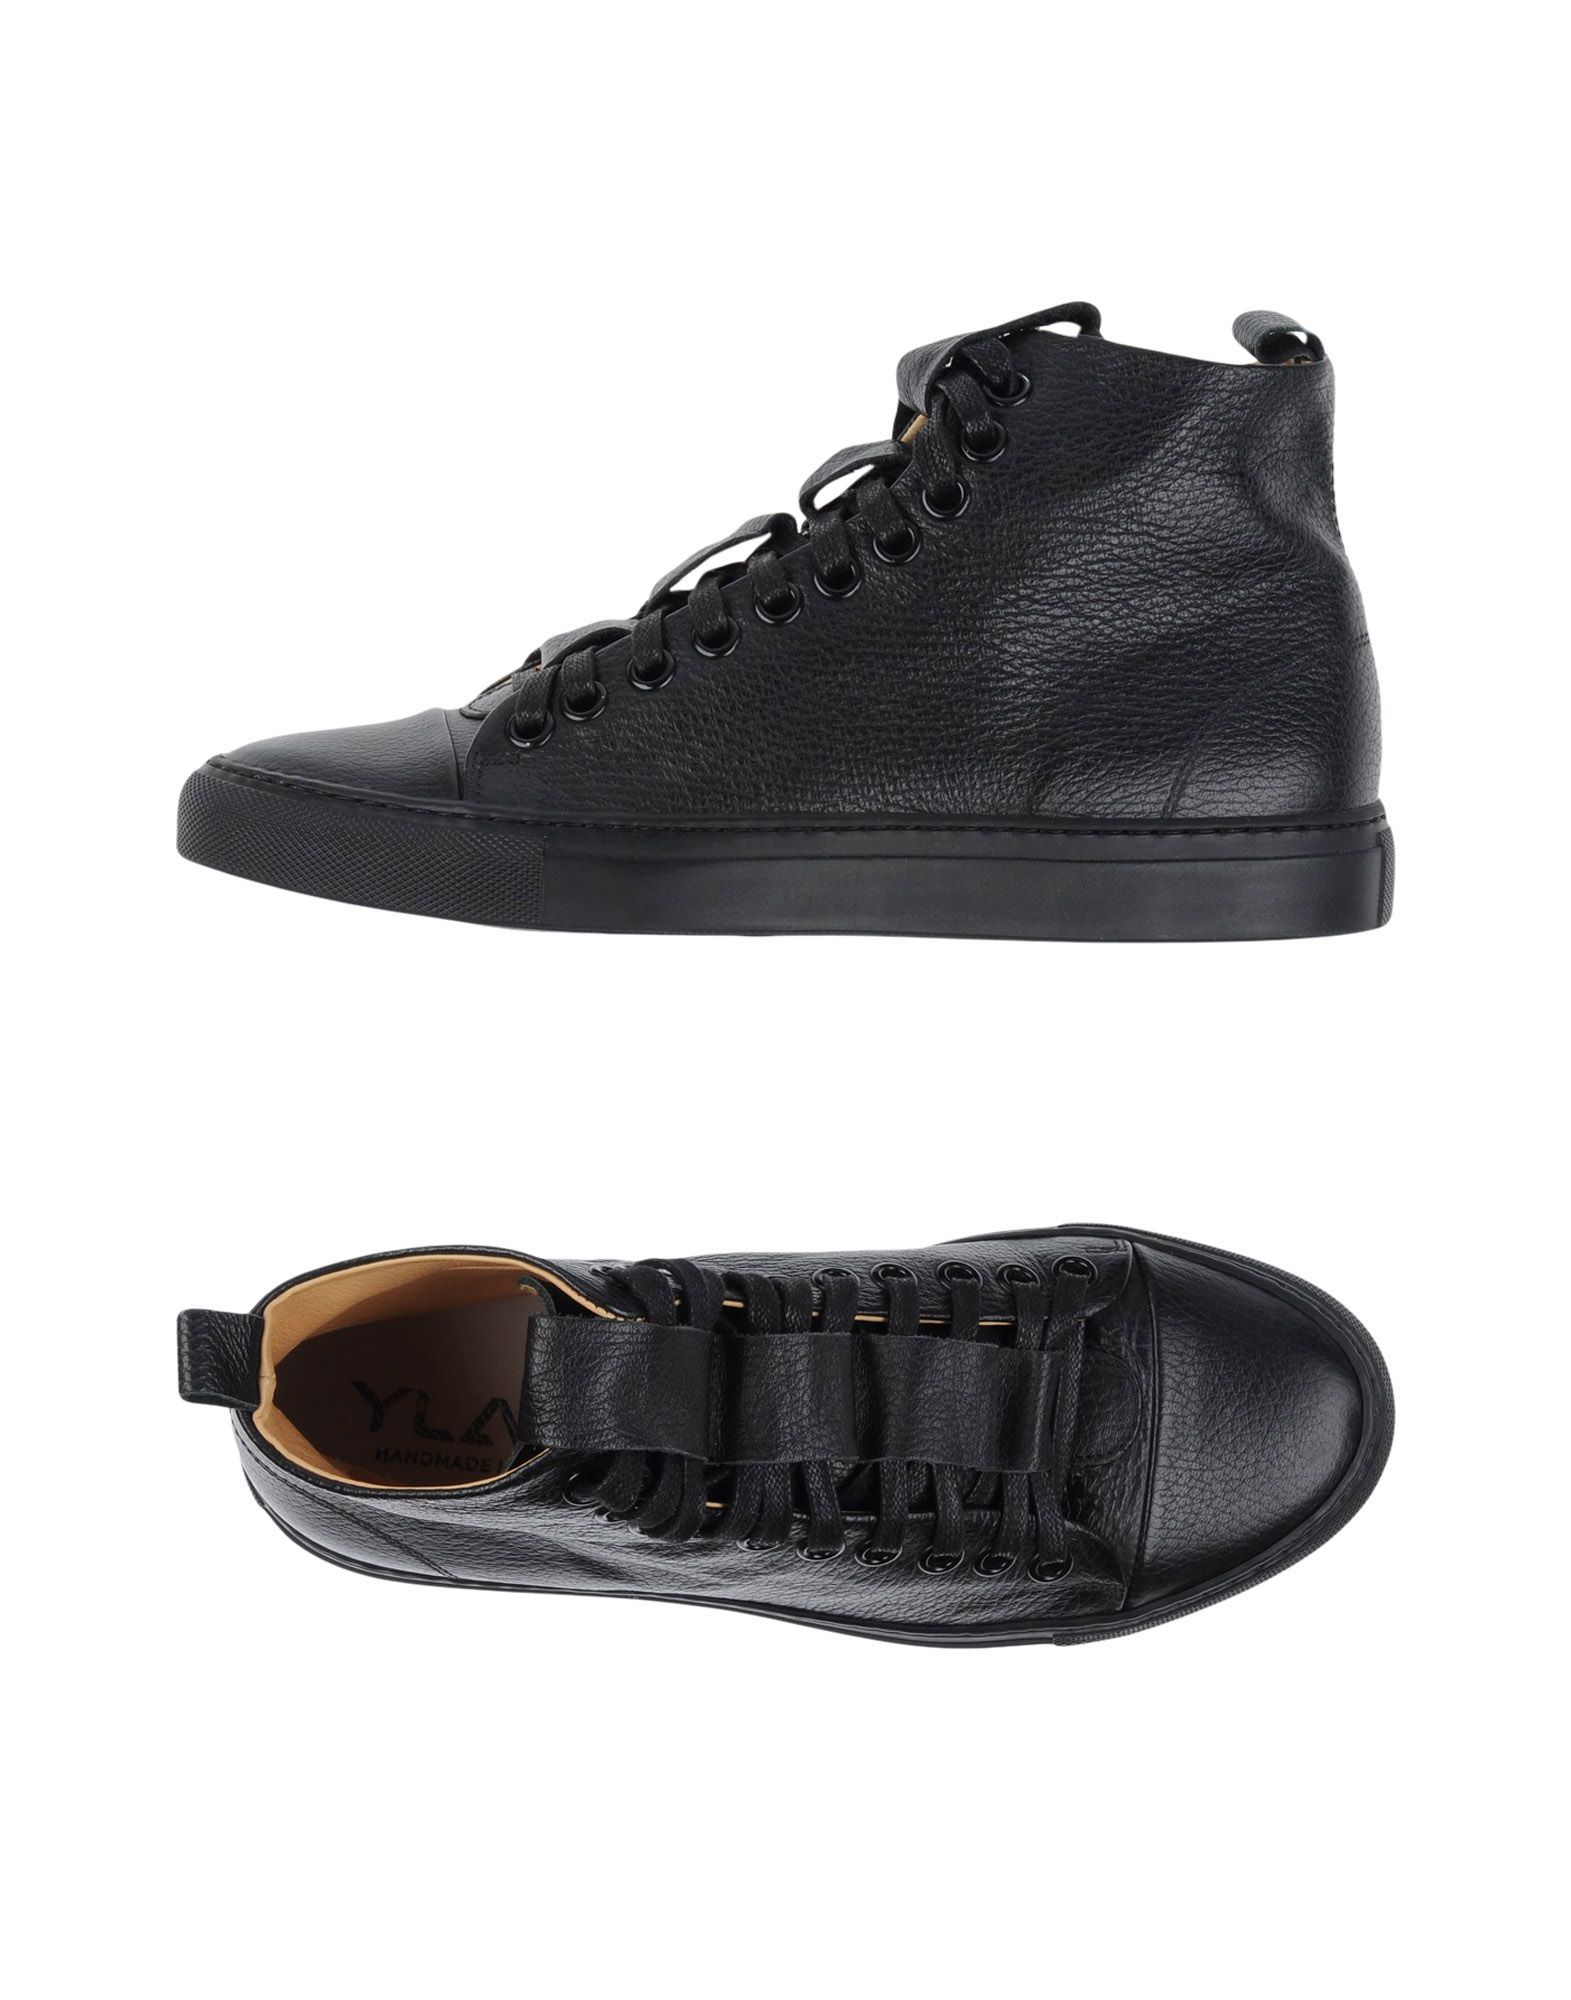 Moda Sneakers Ylati Uomo - 11280021JU